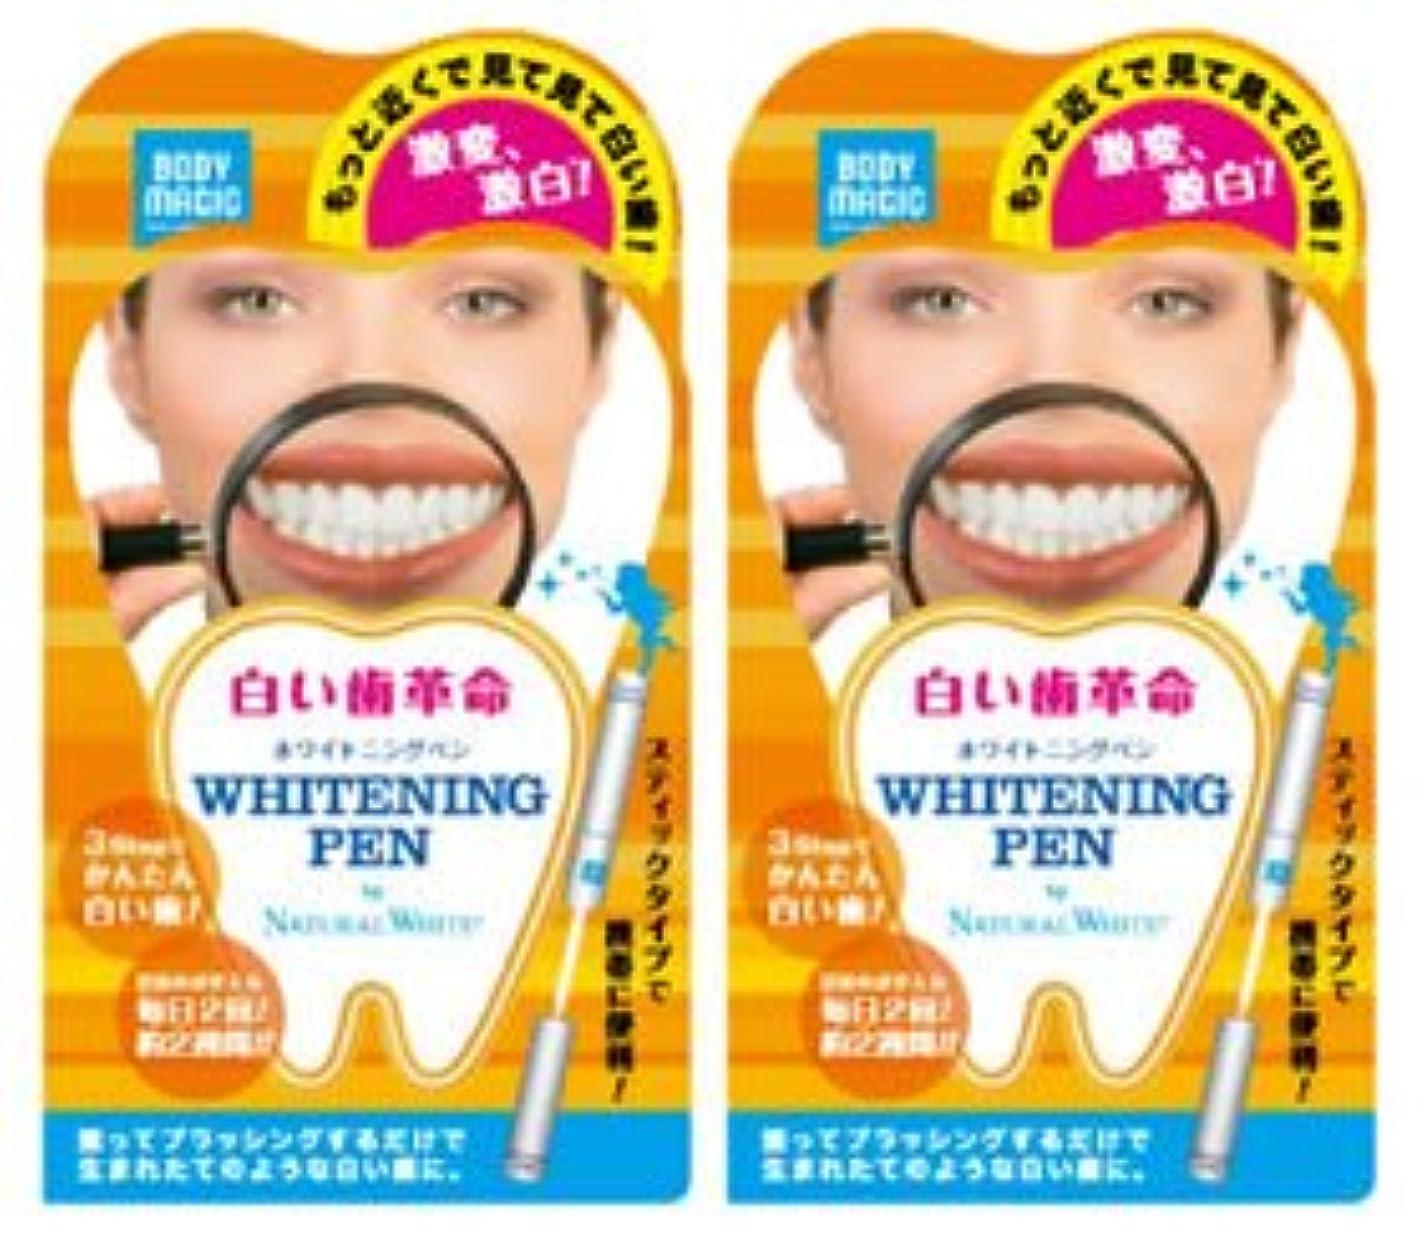 タクシーええ必須《セット販売》 ナチュラルホワイト ボディマジック ホワイトニングペン 2個セット 【白い歯革命】 ラピッドホワイトBスティック 【ジェルハミガキ】